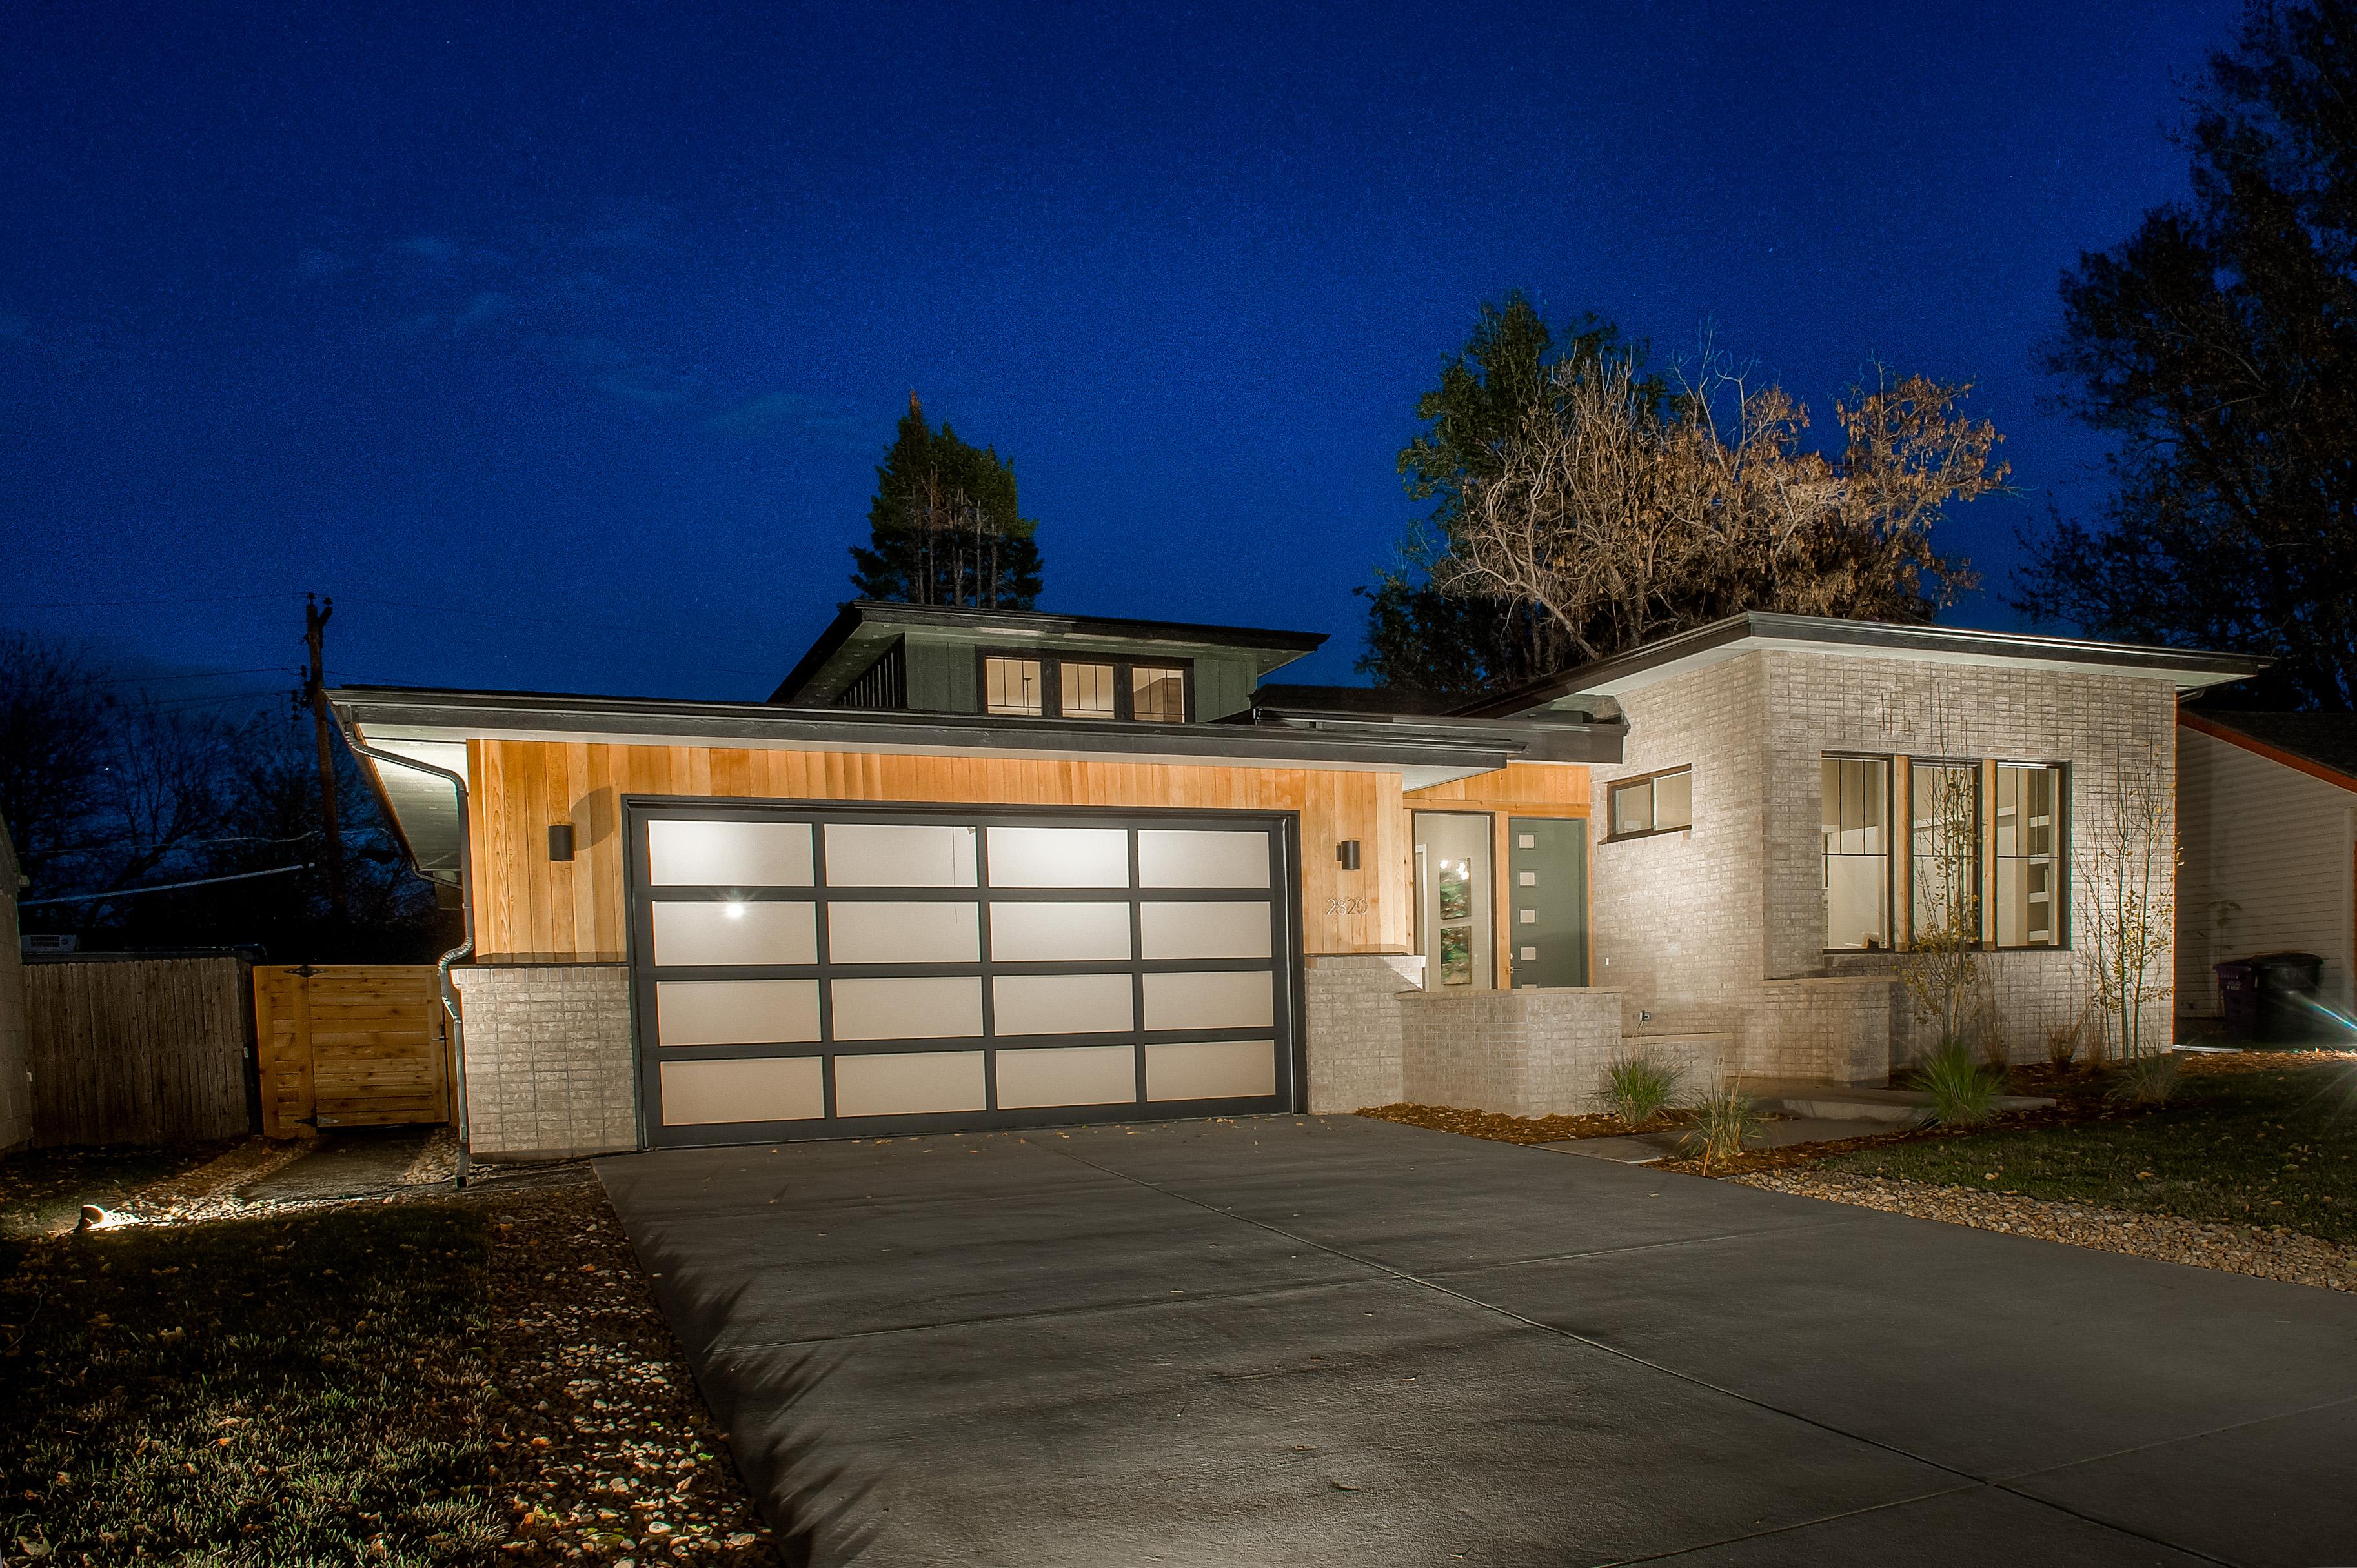 Cherry Way Exterior Interior Designer Denver CORanch House Interior Design Boulder Co   Awesome Interior. Ranch House Interior Design Boulder Co. Home Design Ideas